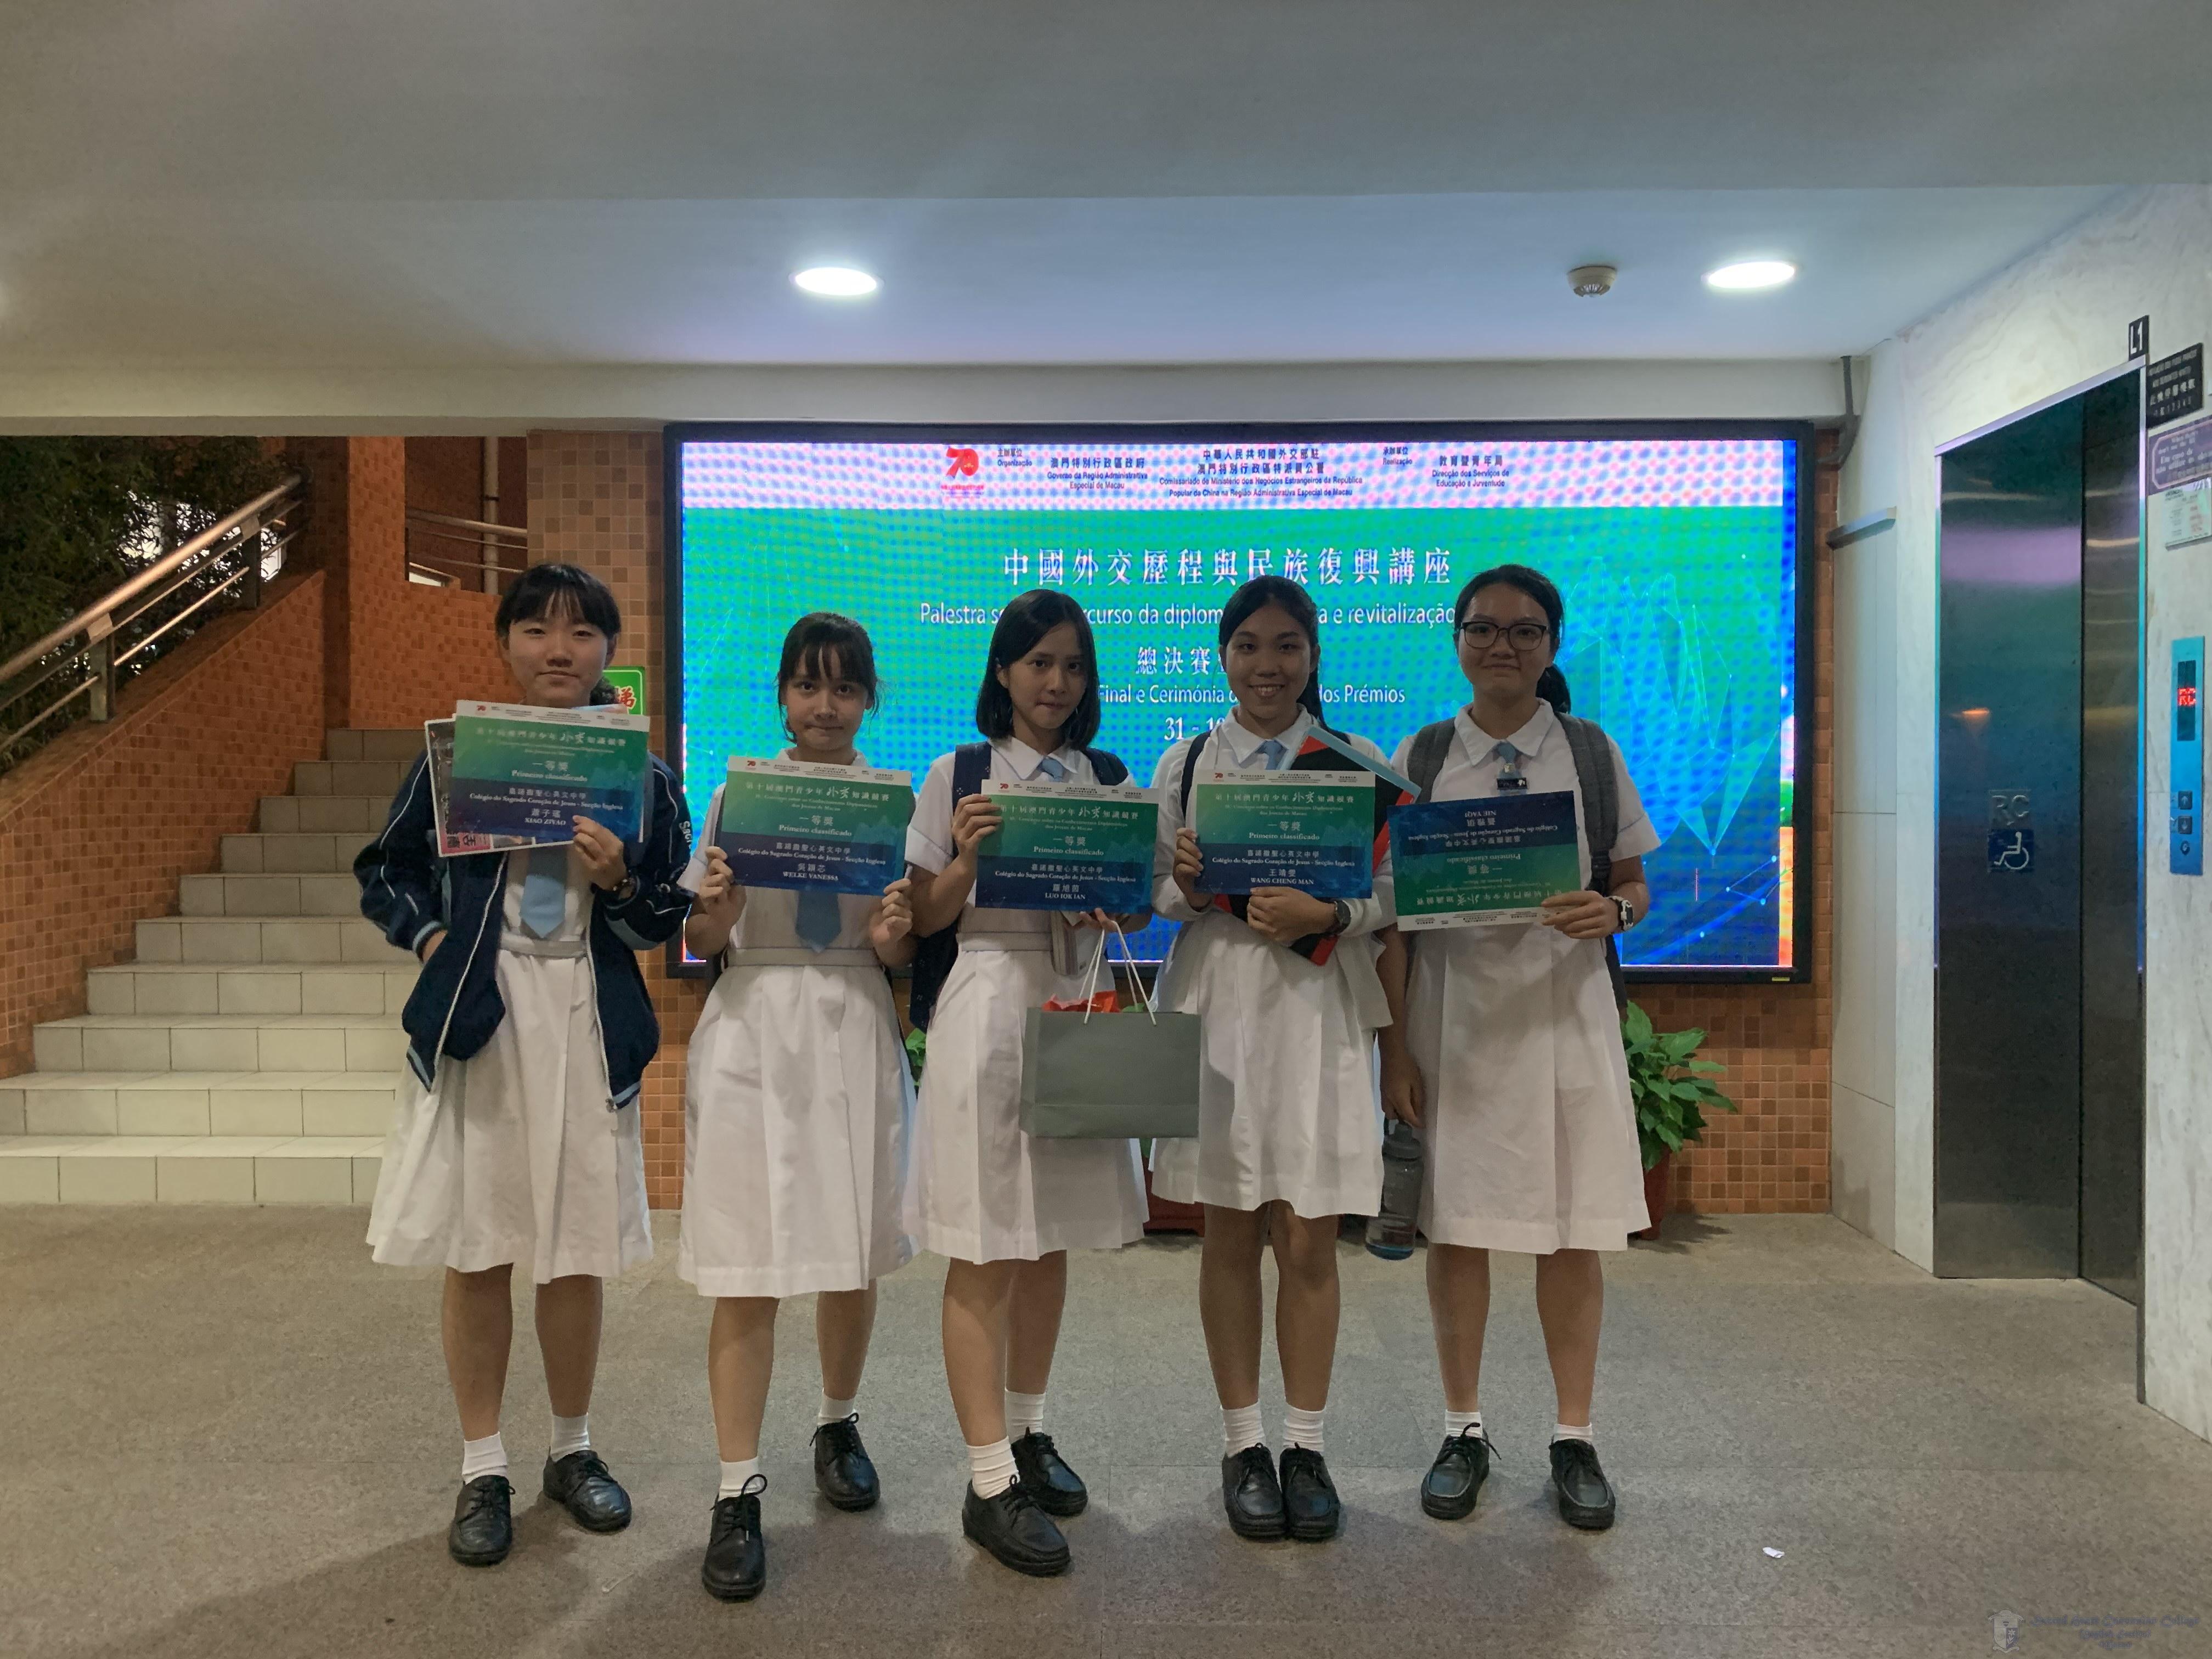 第十屆澳門青少年外交知識競賽